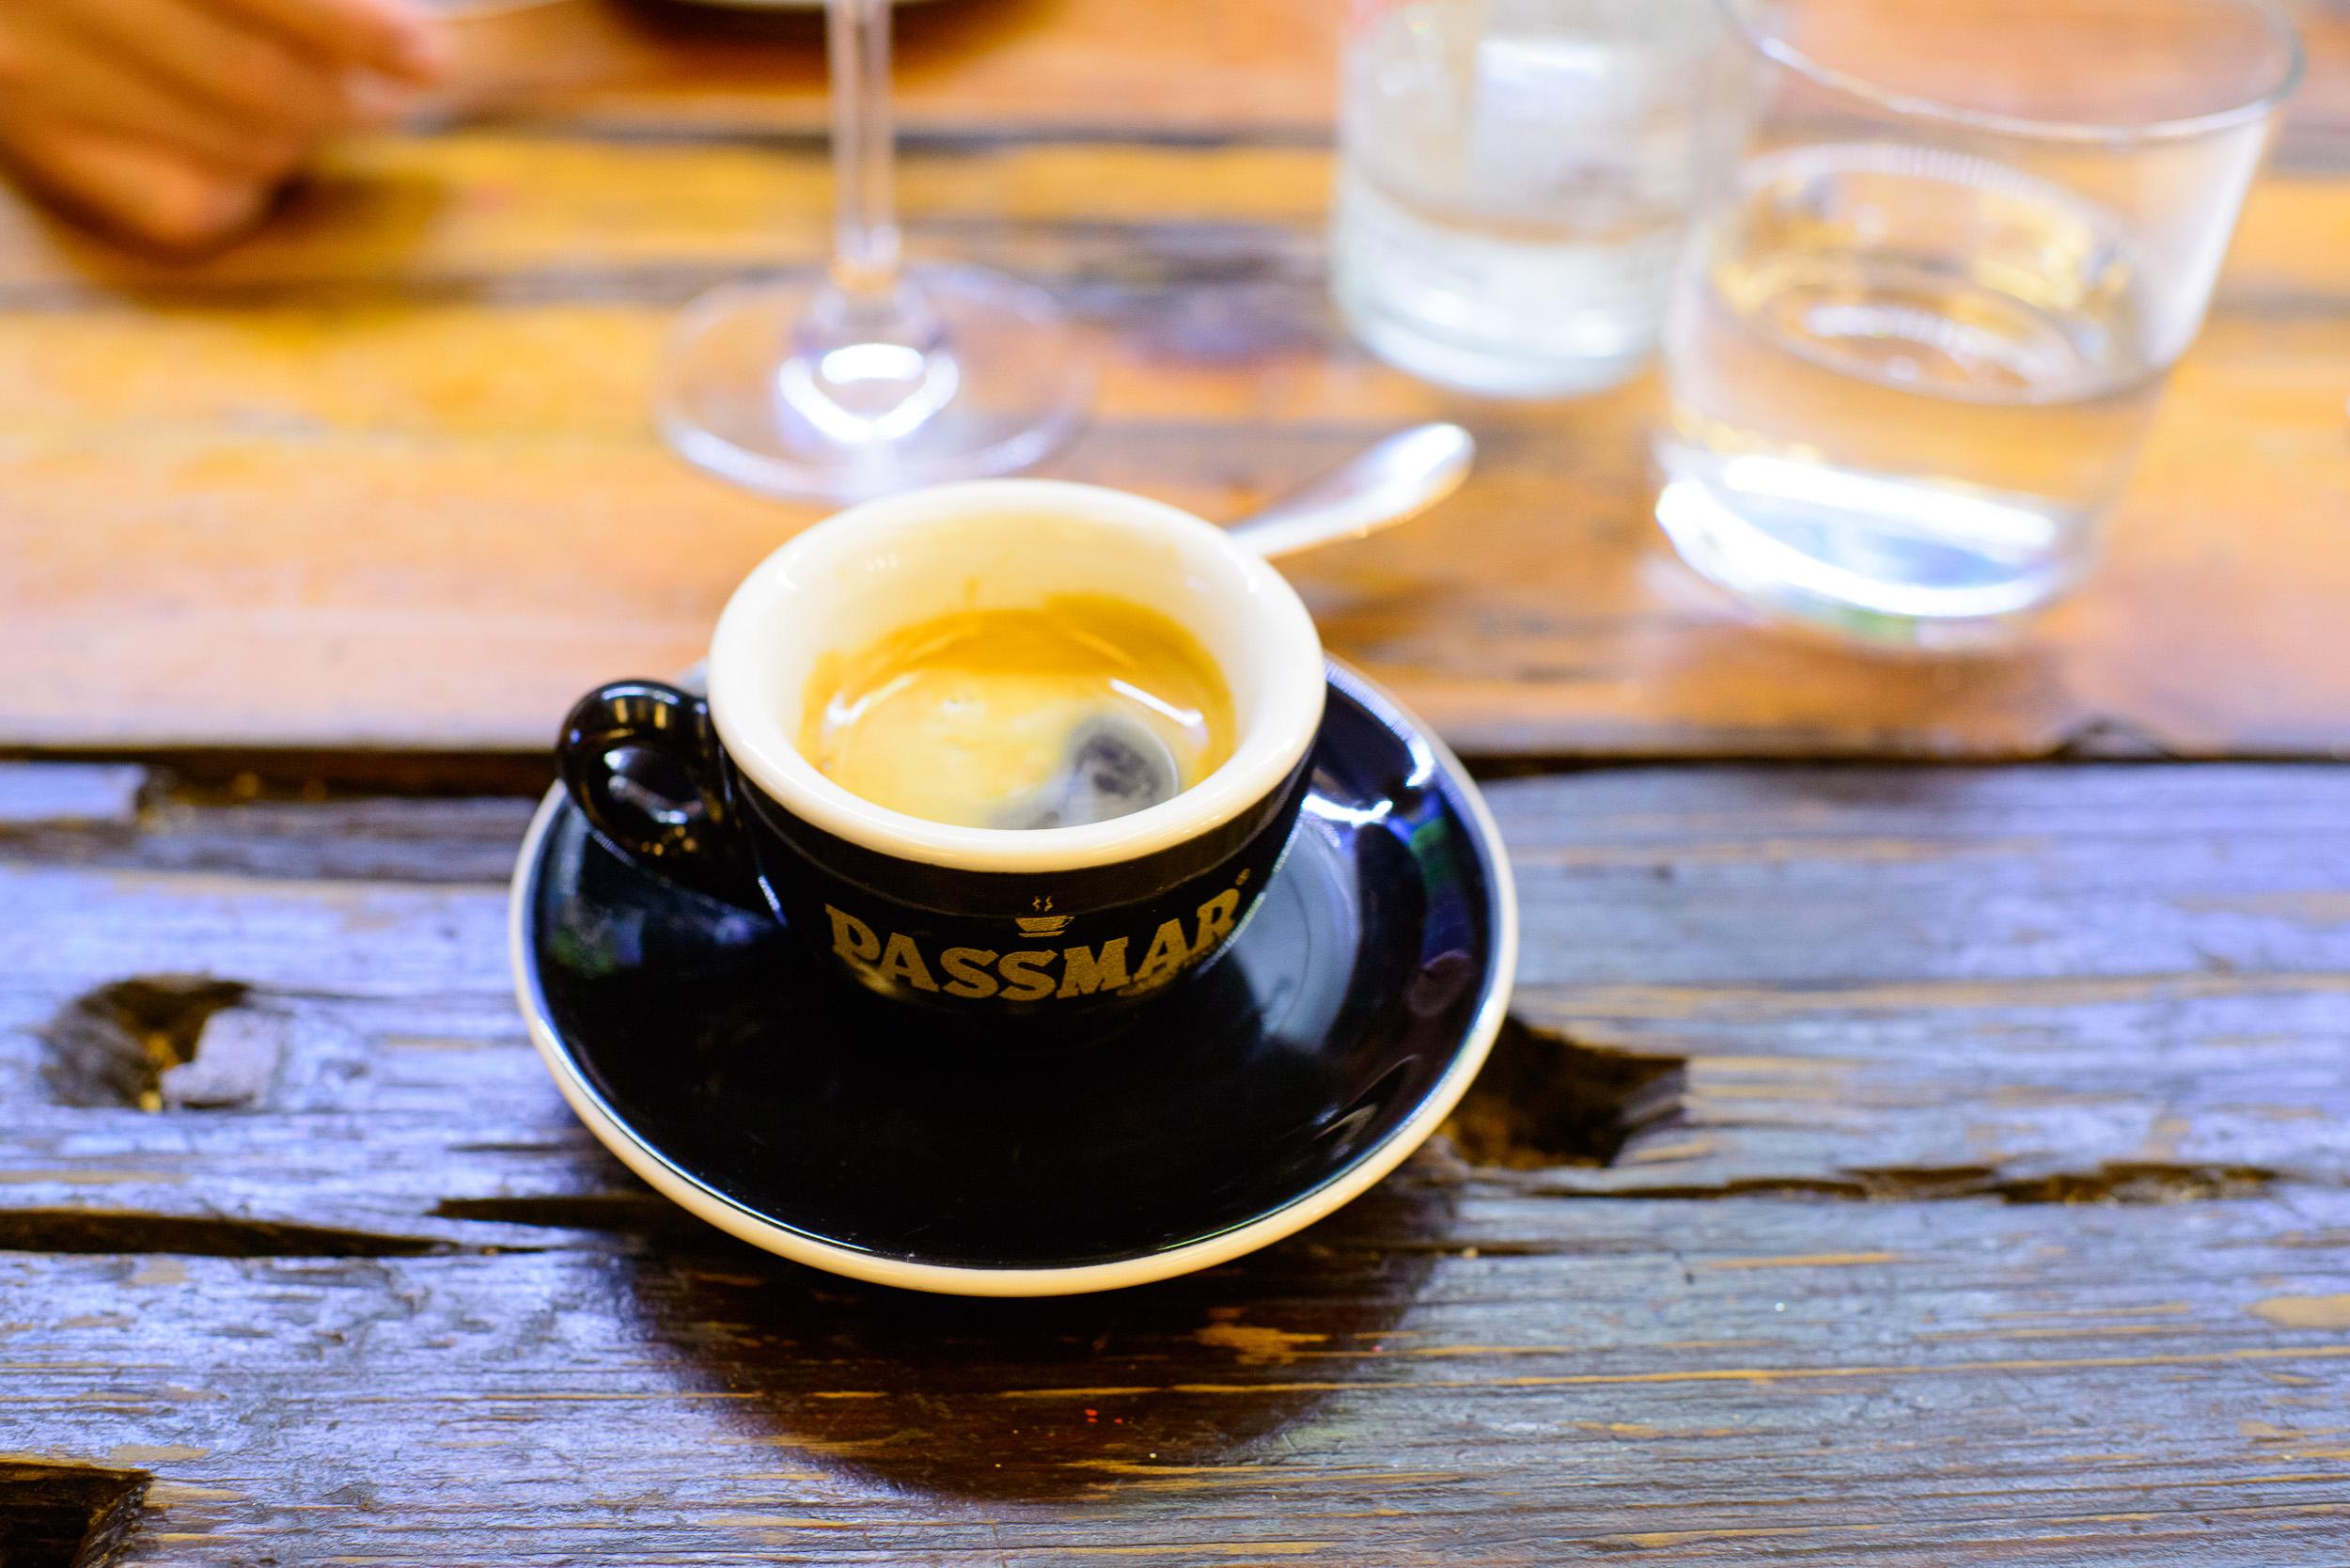 Café de Café Passmar